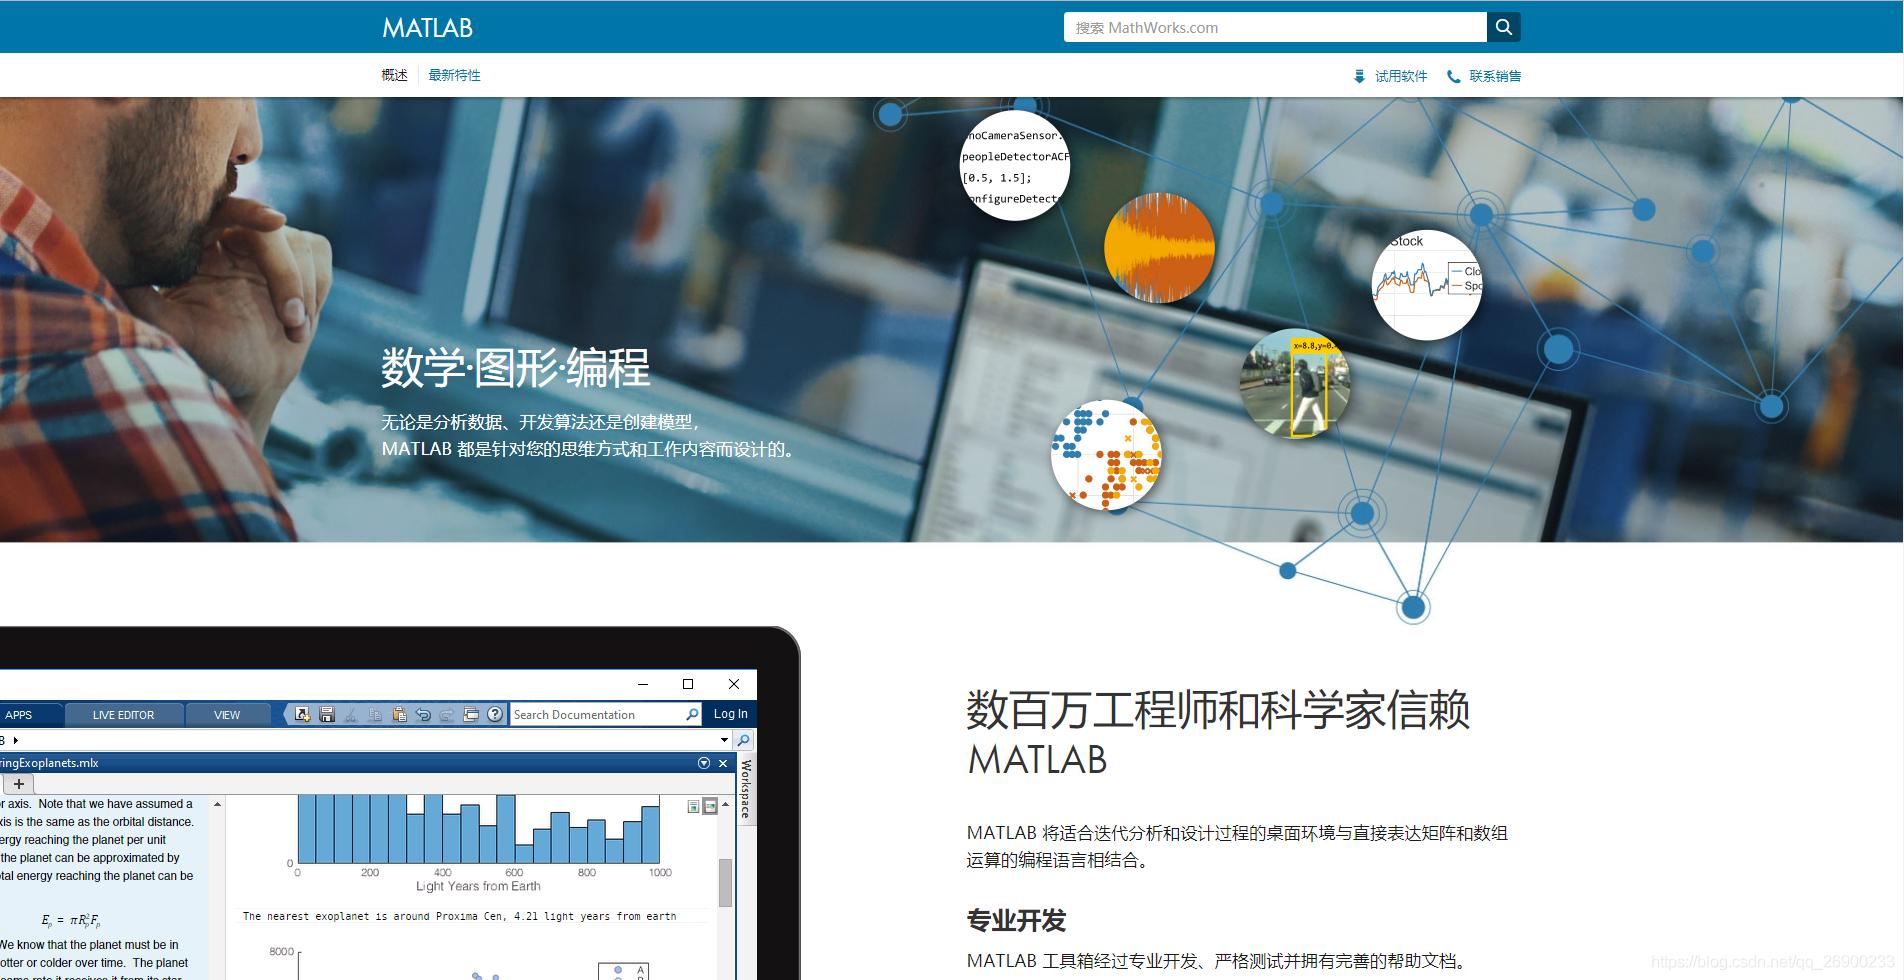 MATLAB官方网站